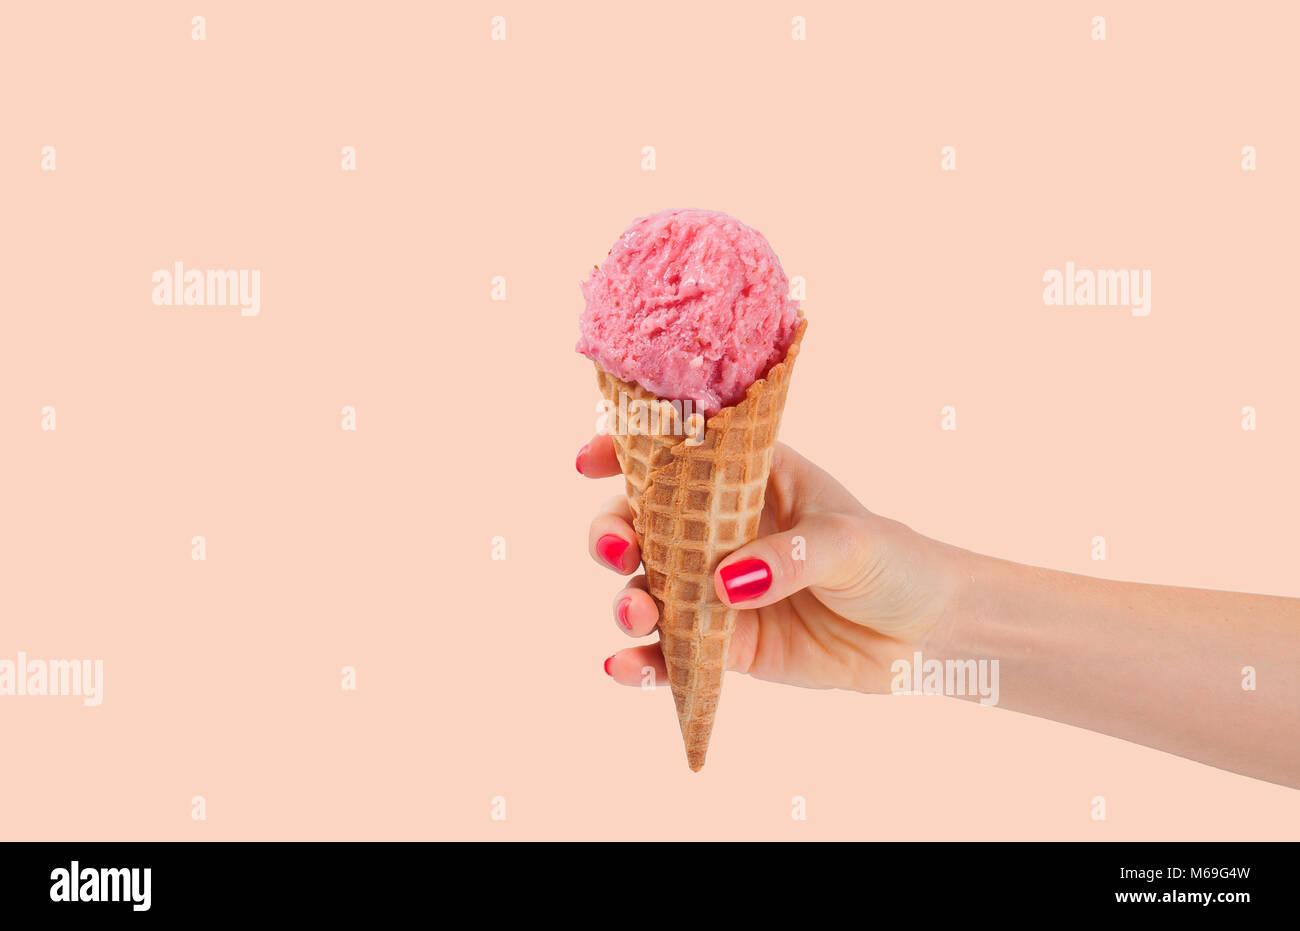 Hand holding strawberry ice cream cone sur fond de couleur pastel délavées. Glace à la fraise en Photo Stock